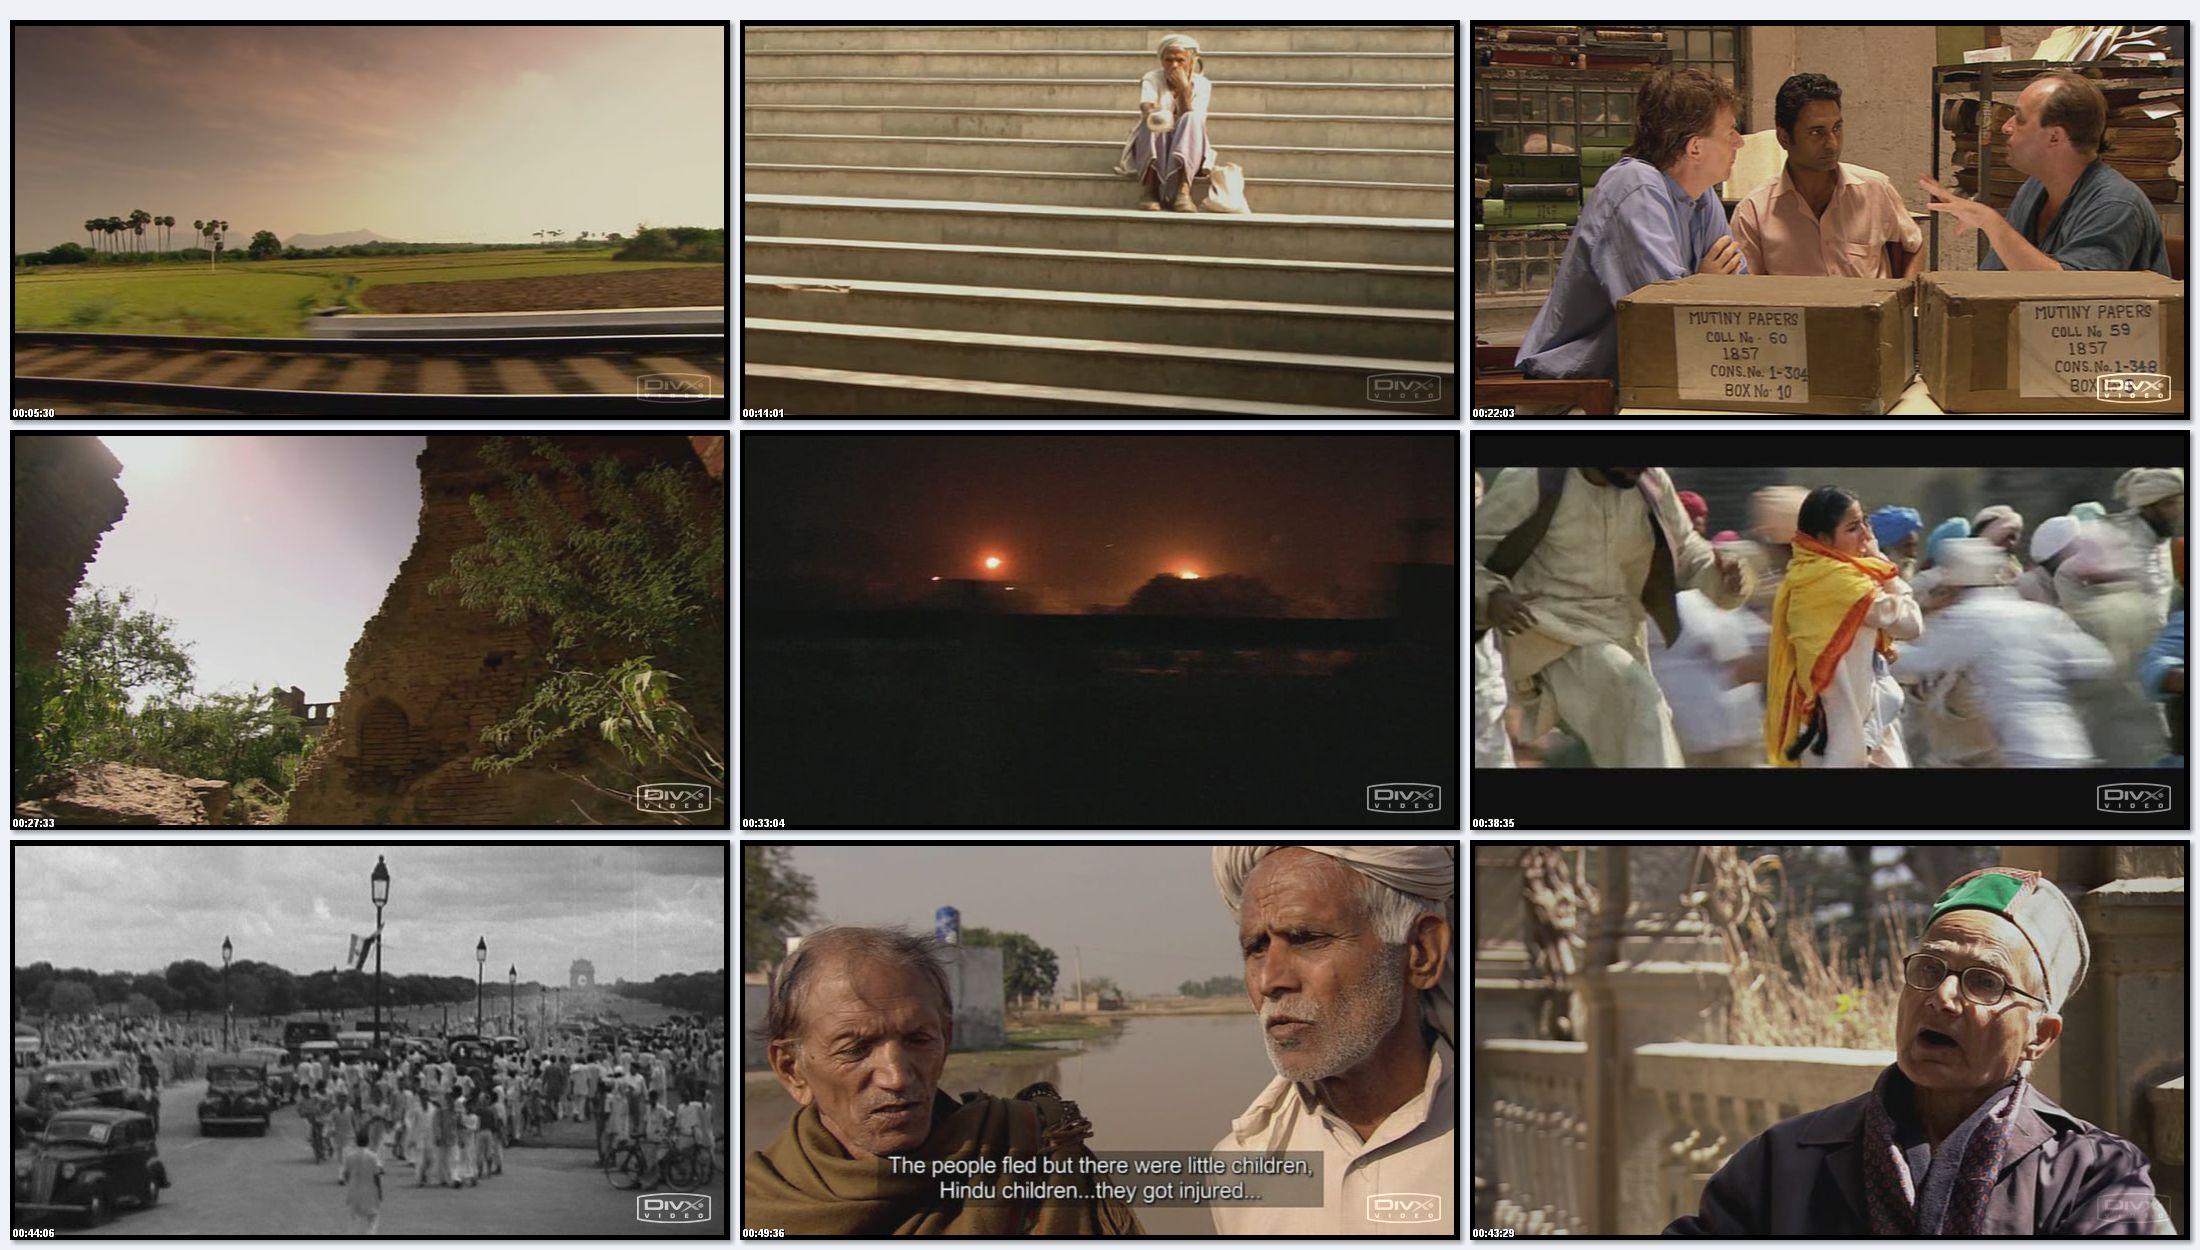 ВВС: Индия с Майклом Вудом. Свобода (фильм 6) / BBC: The Story of India with Michael Wood (2007)